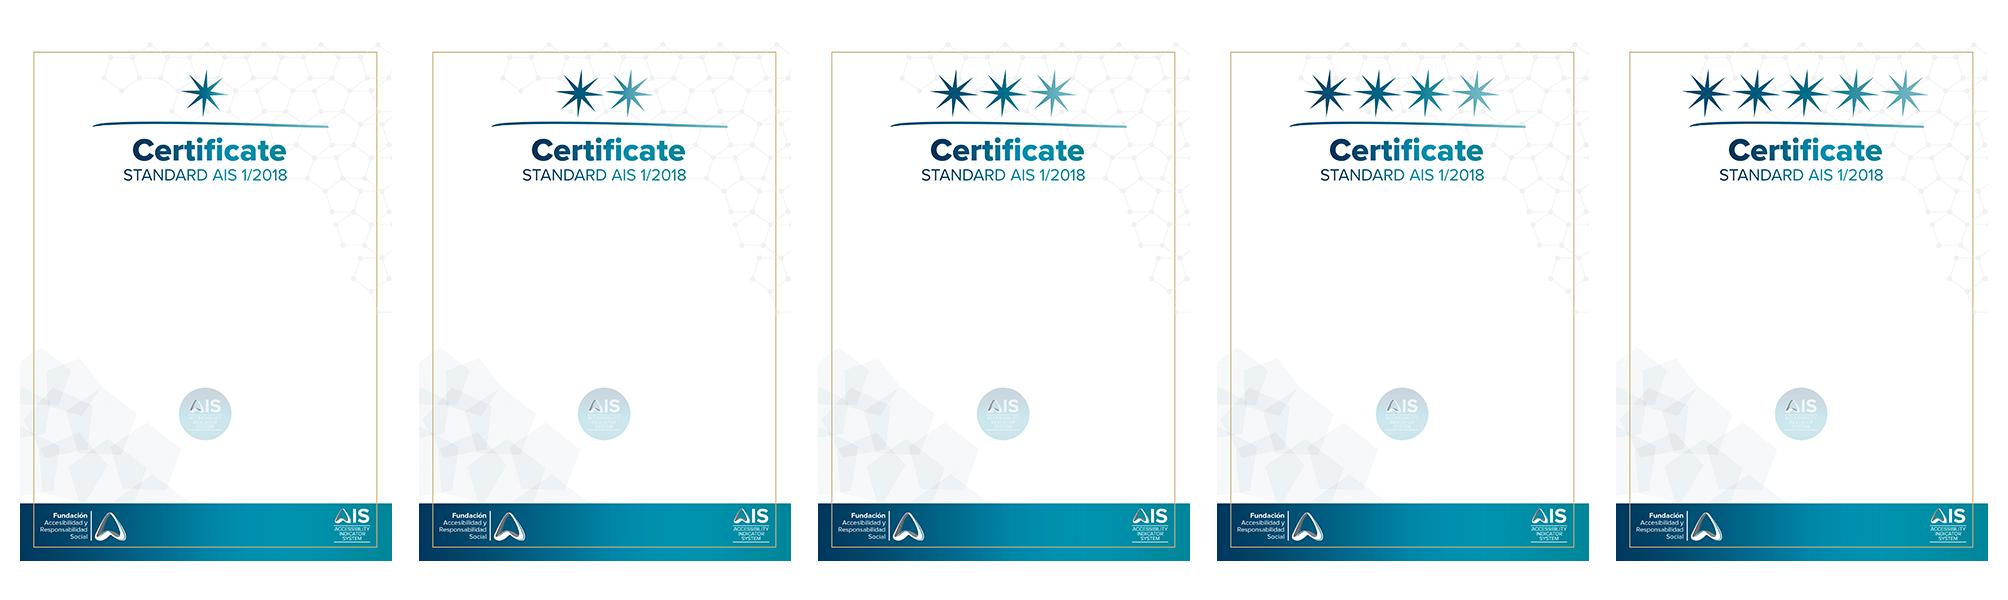 Aparecen impresos los Certificados AIS